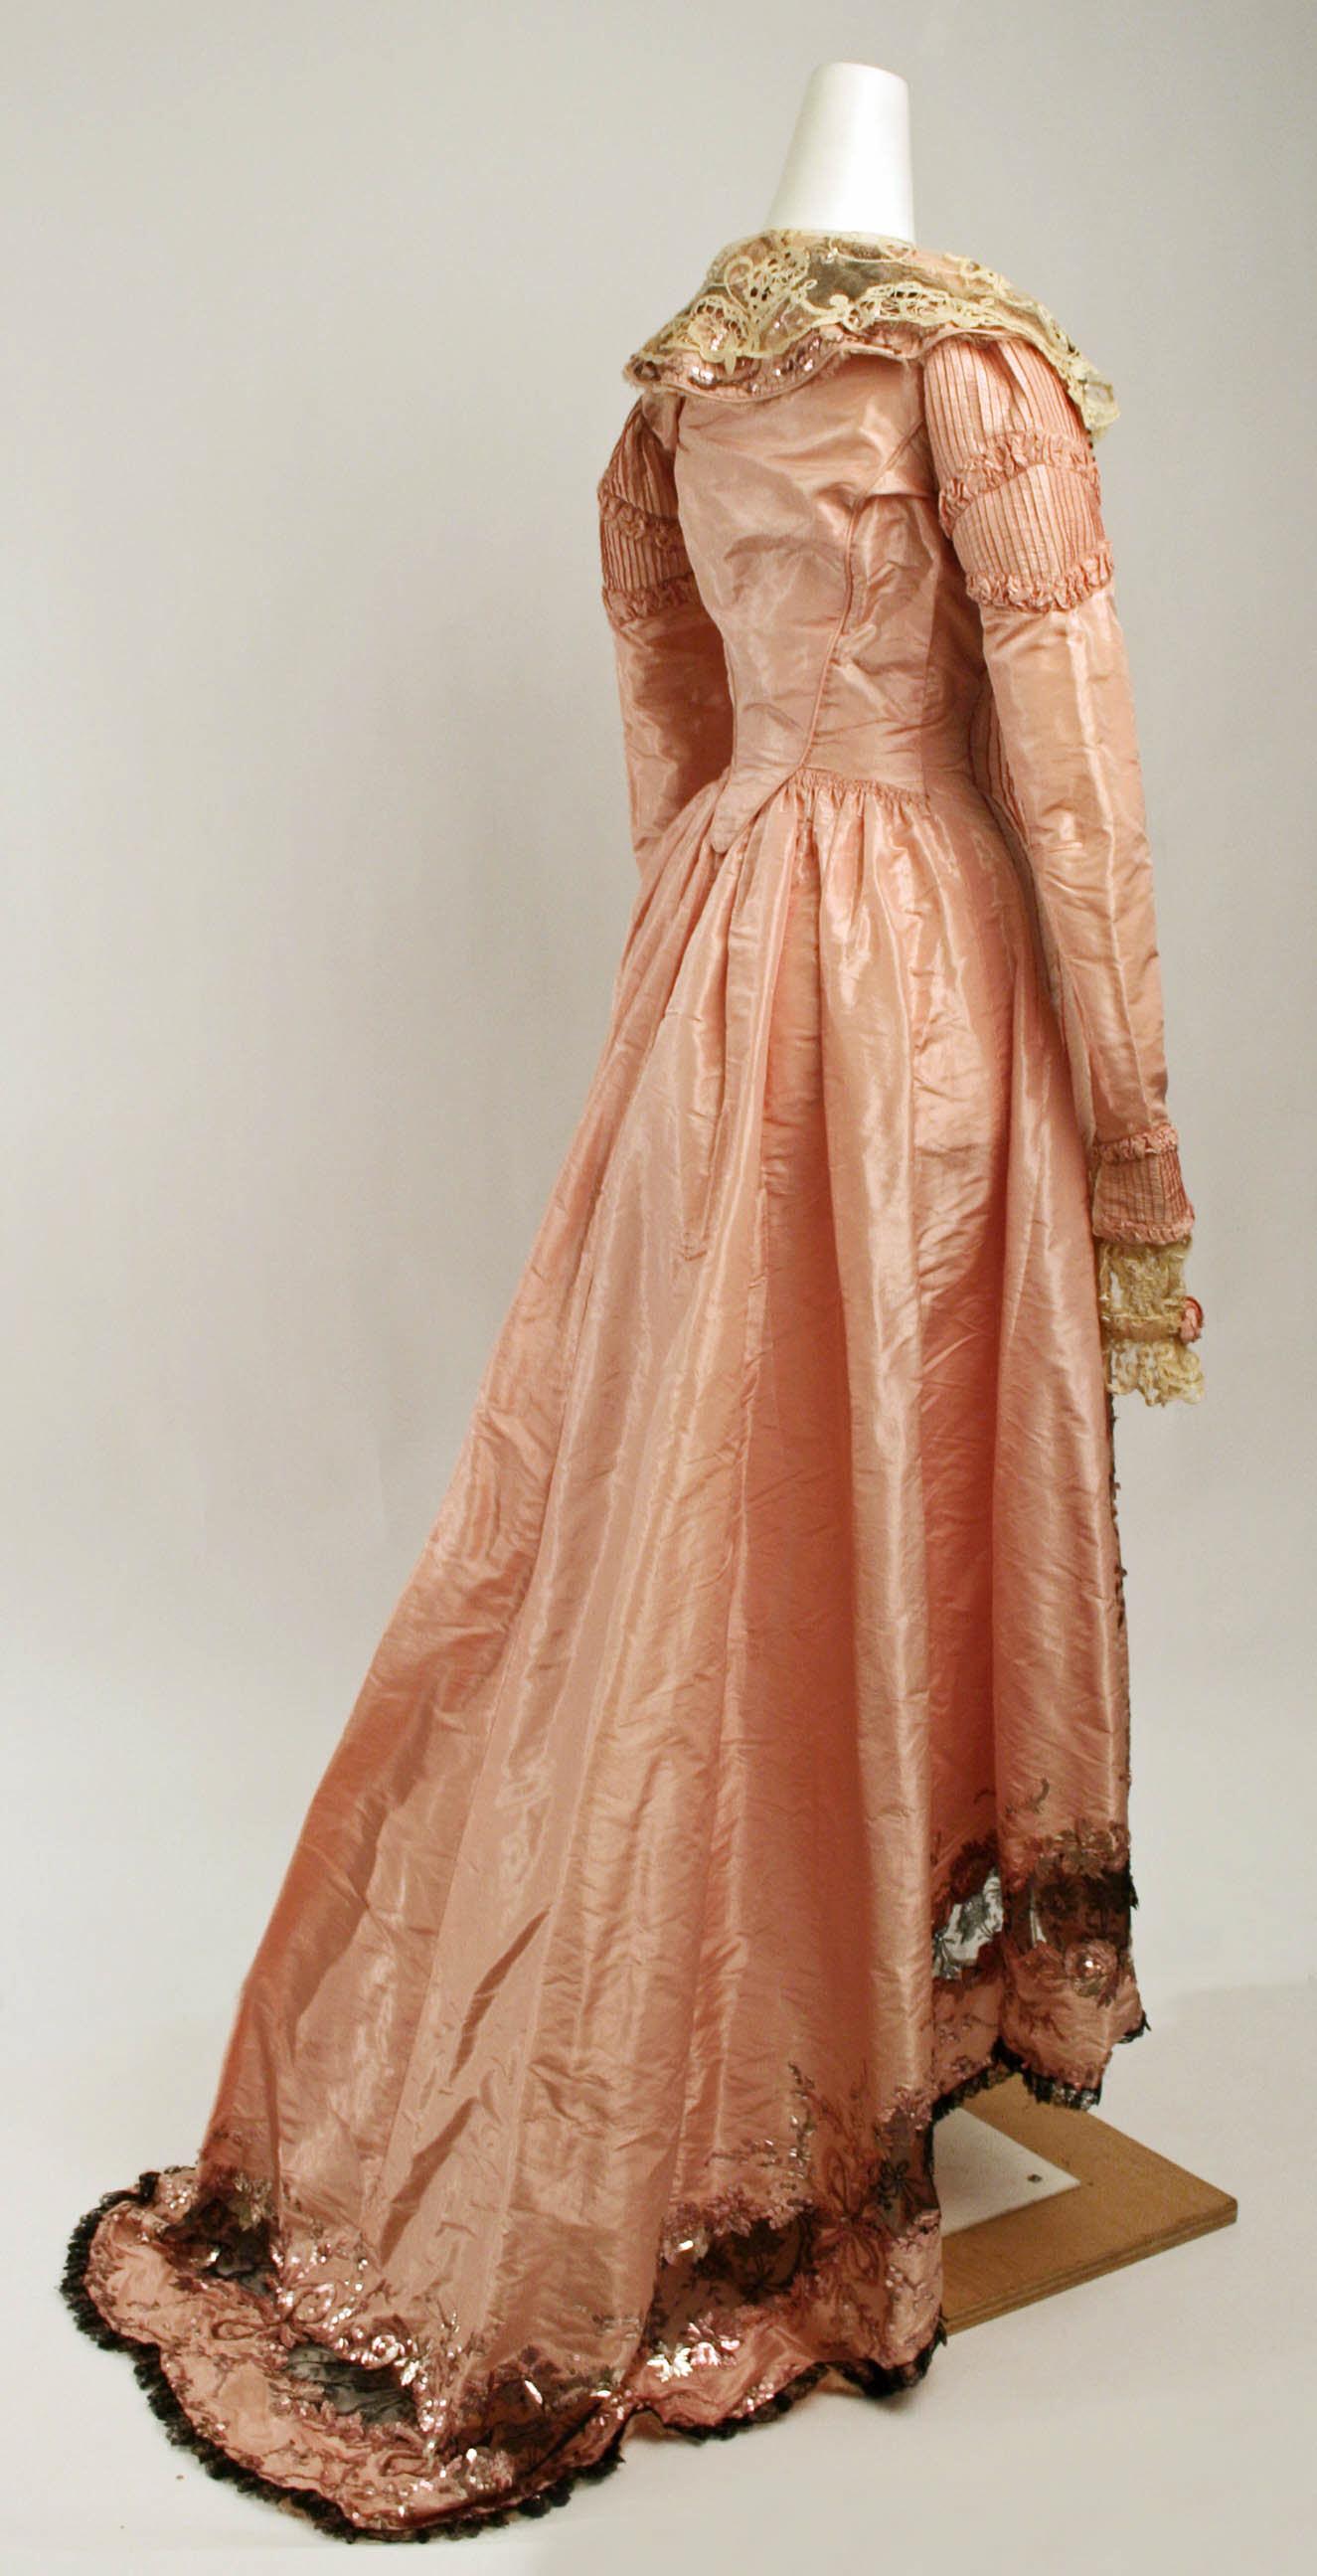 1900 Callot Soeurs. Silk. metmuseum